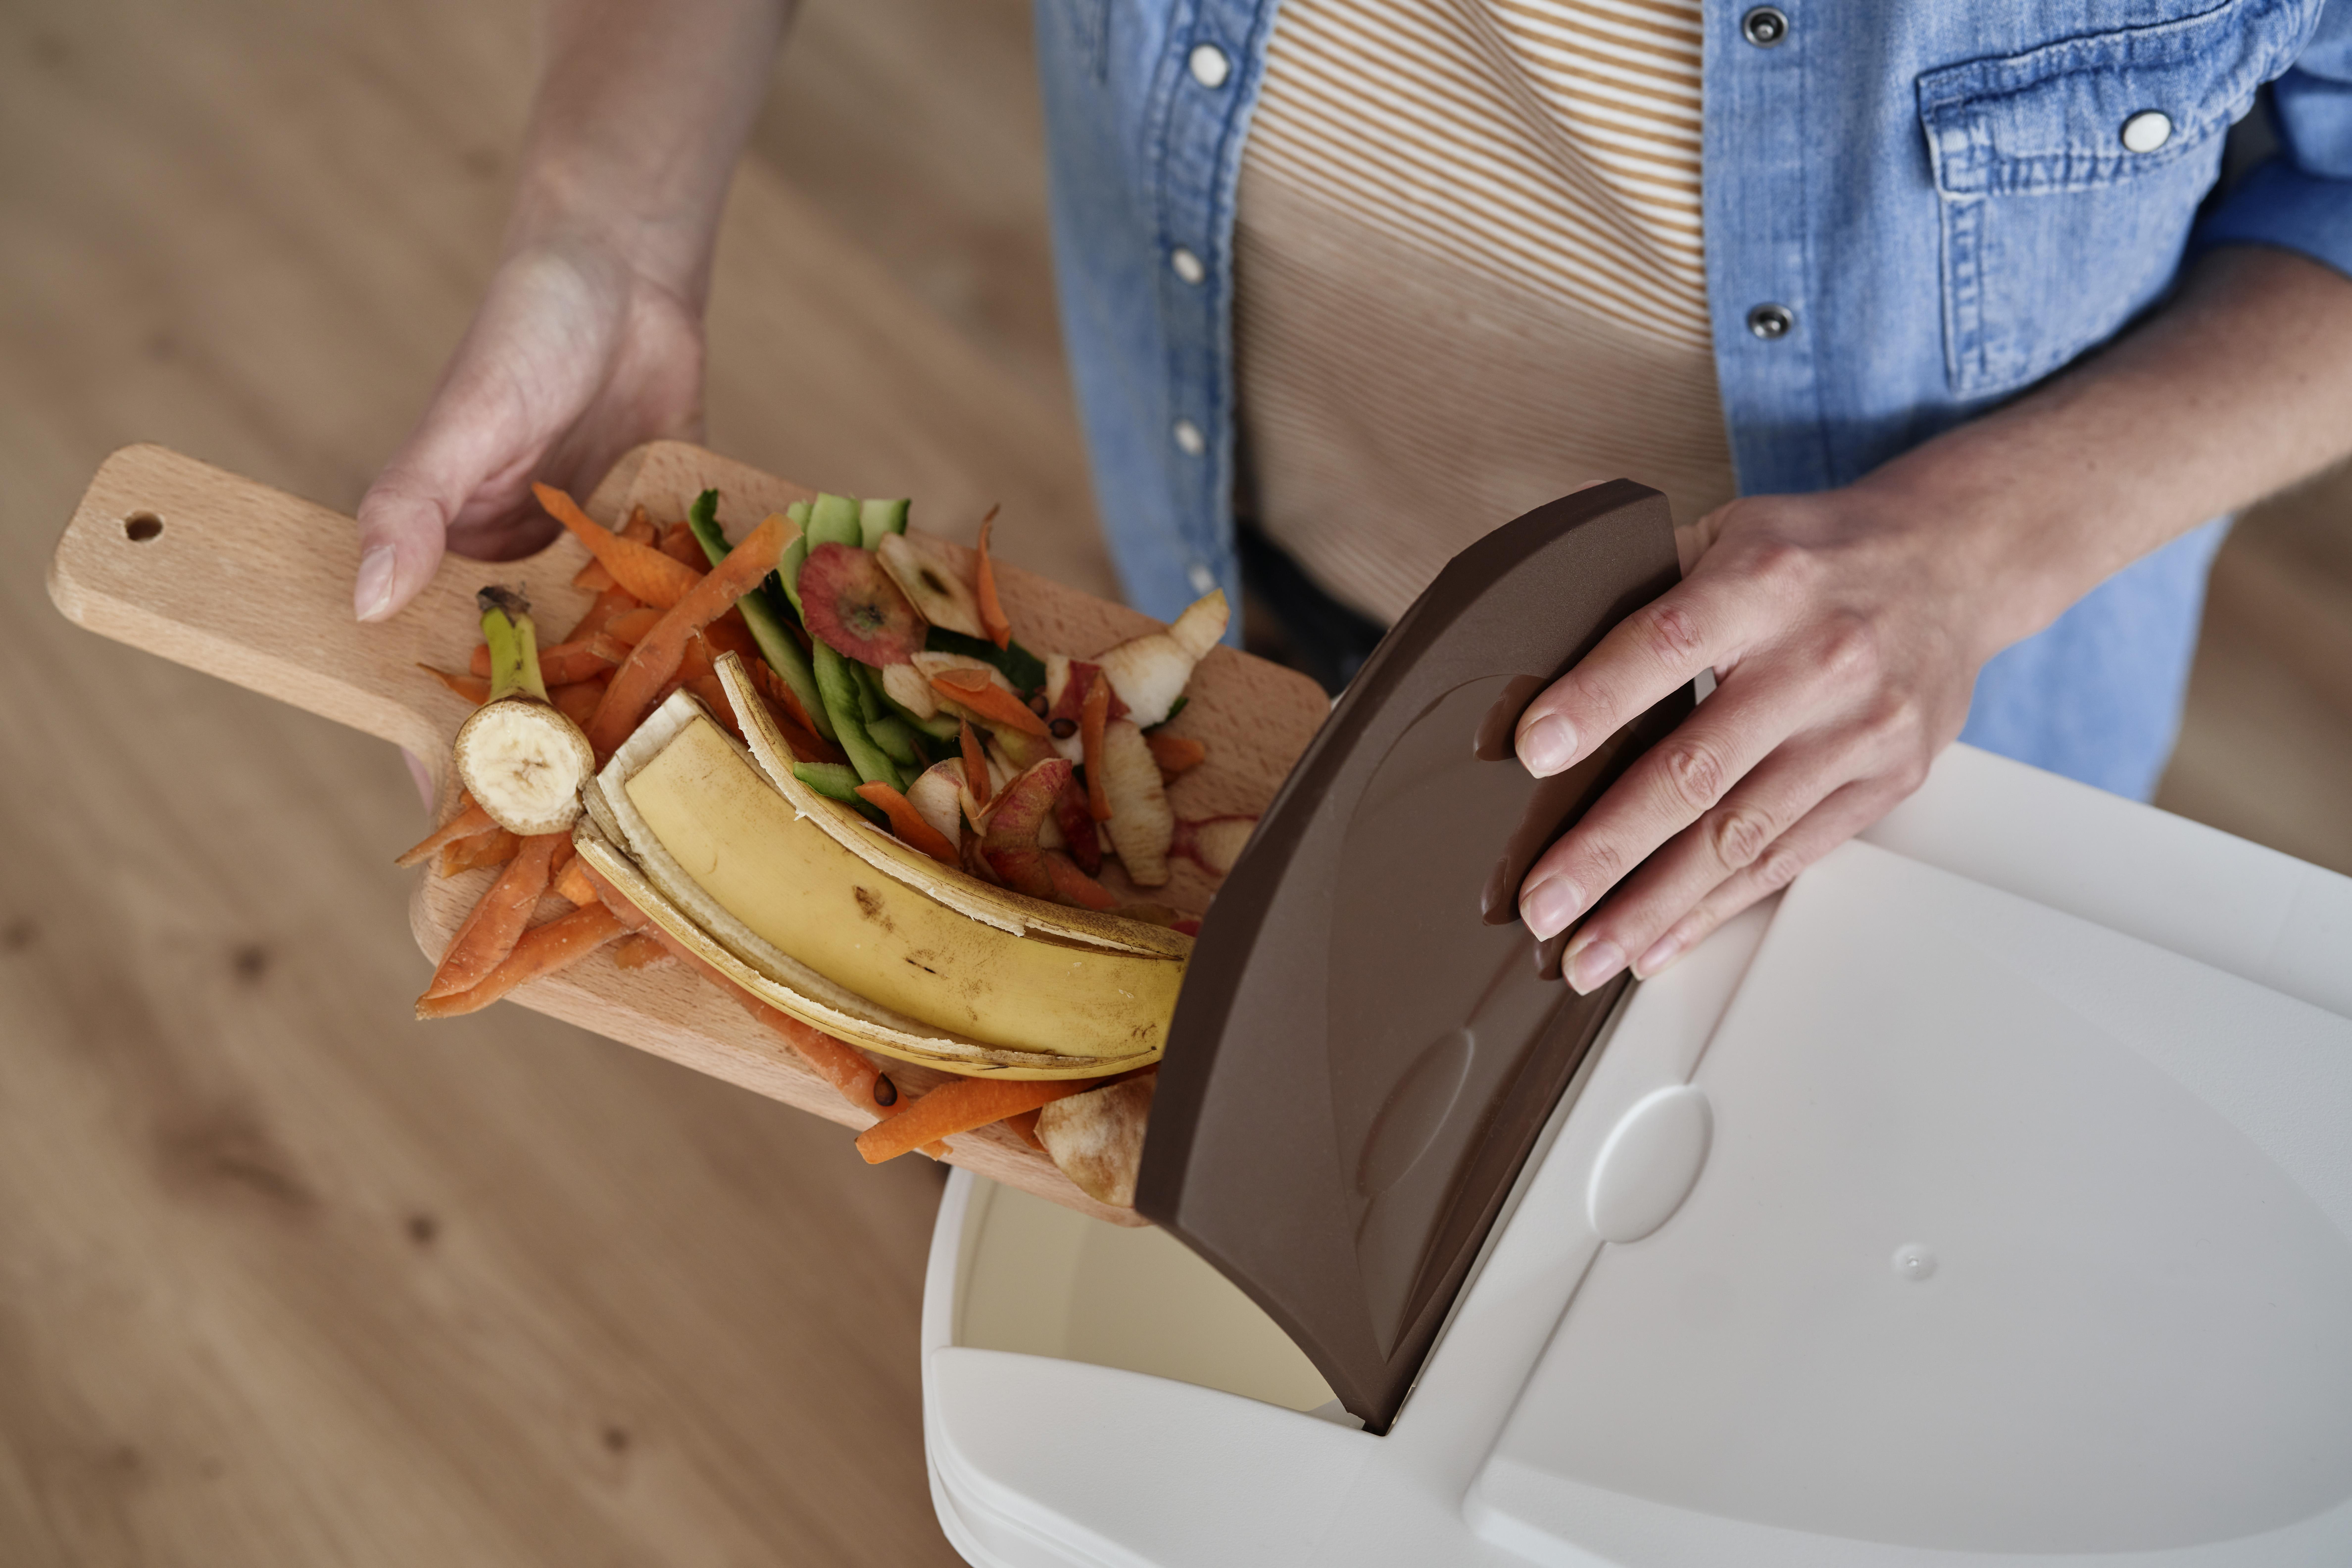 resíduos orgânicos jogados fora em compostagem doméstica